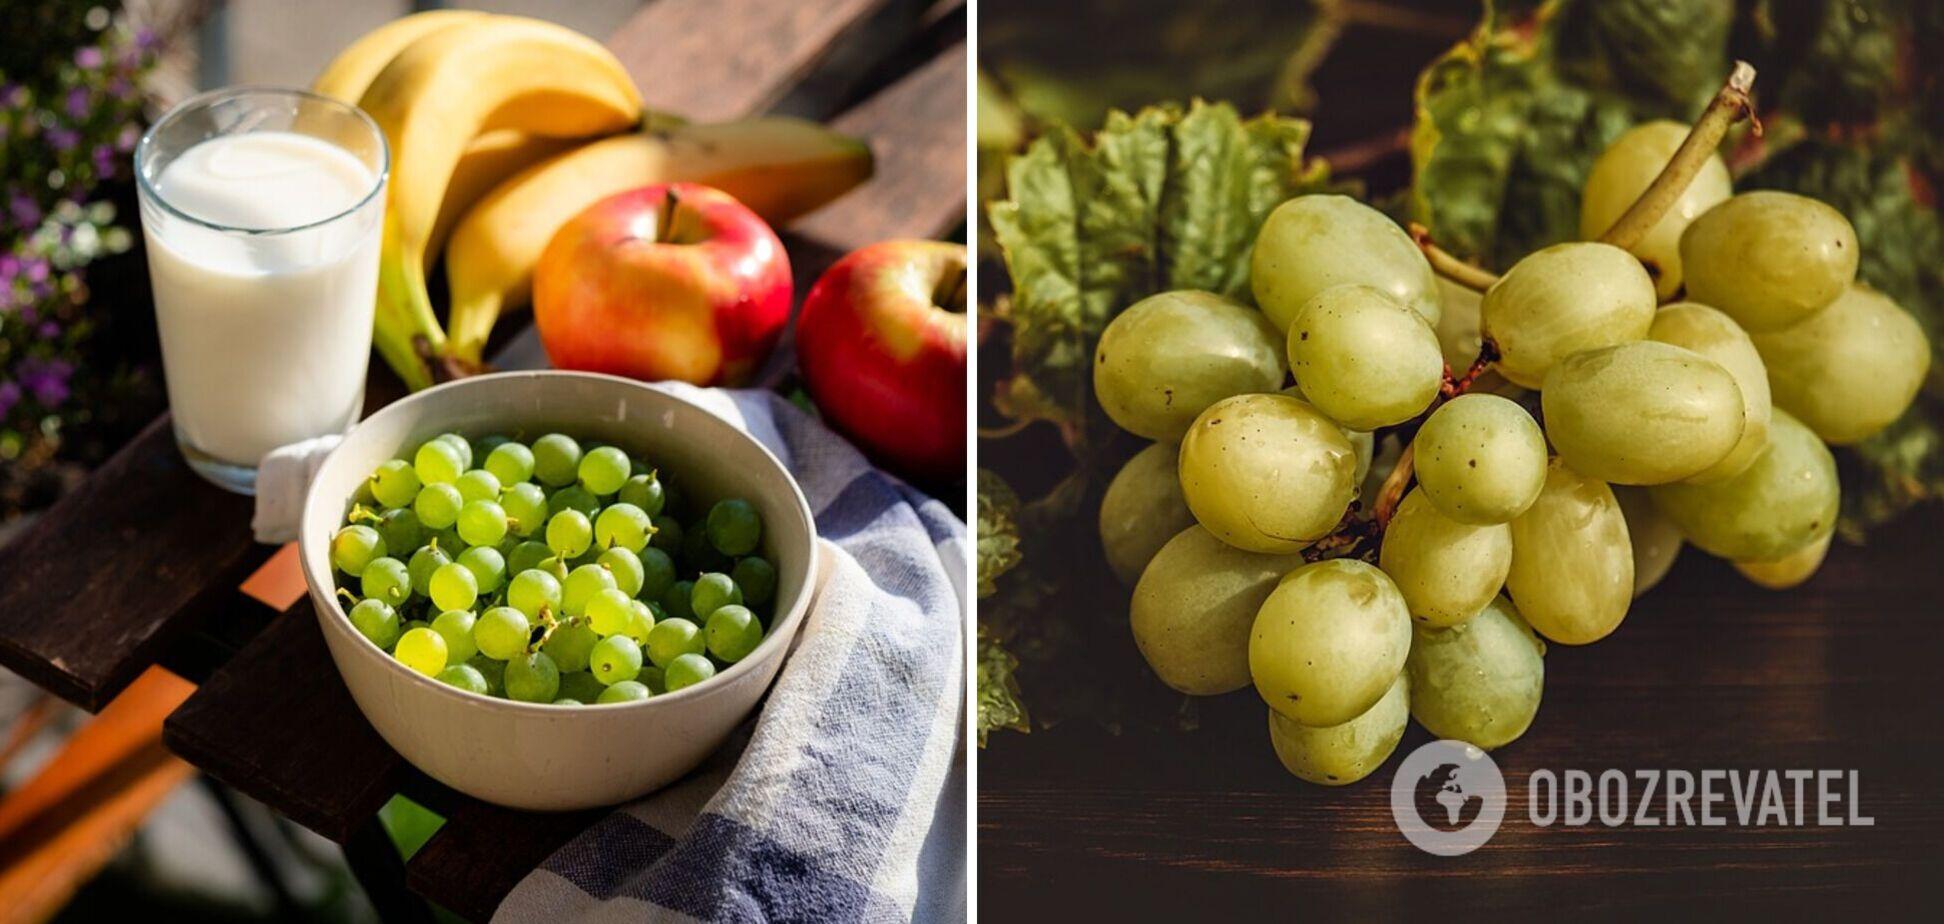 Виноград не всім корисний: кому варто відмовитися – розповідає дієтологиня Наталія Самойленко. Ексклюзив